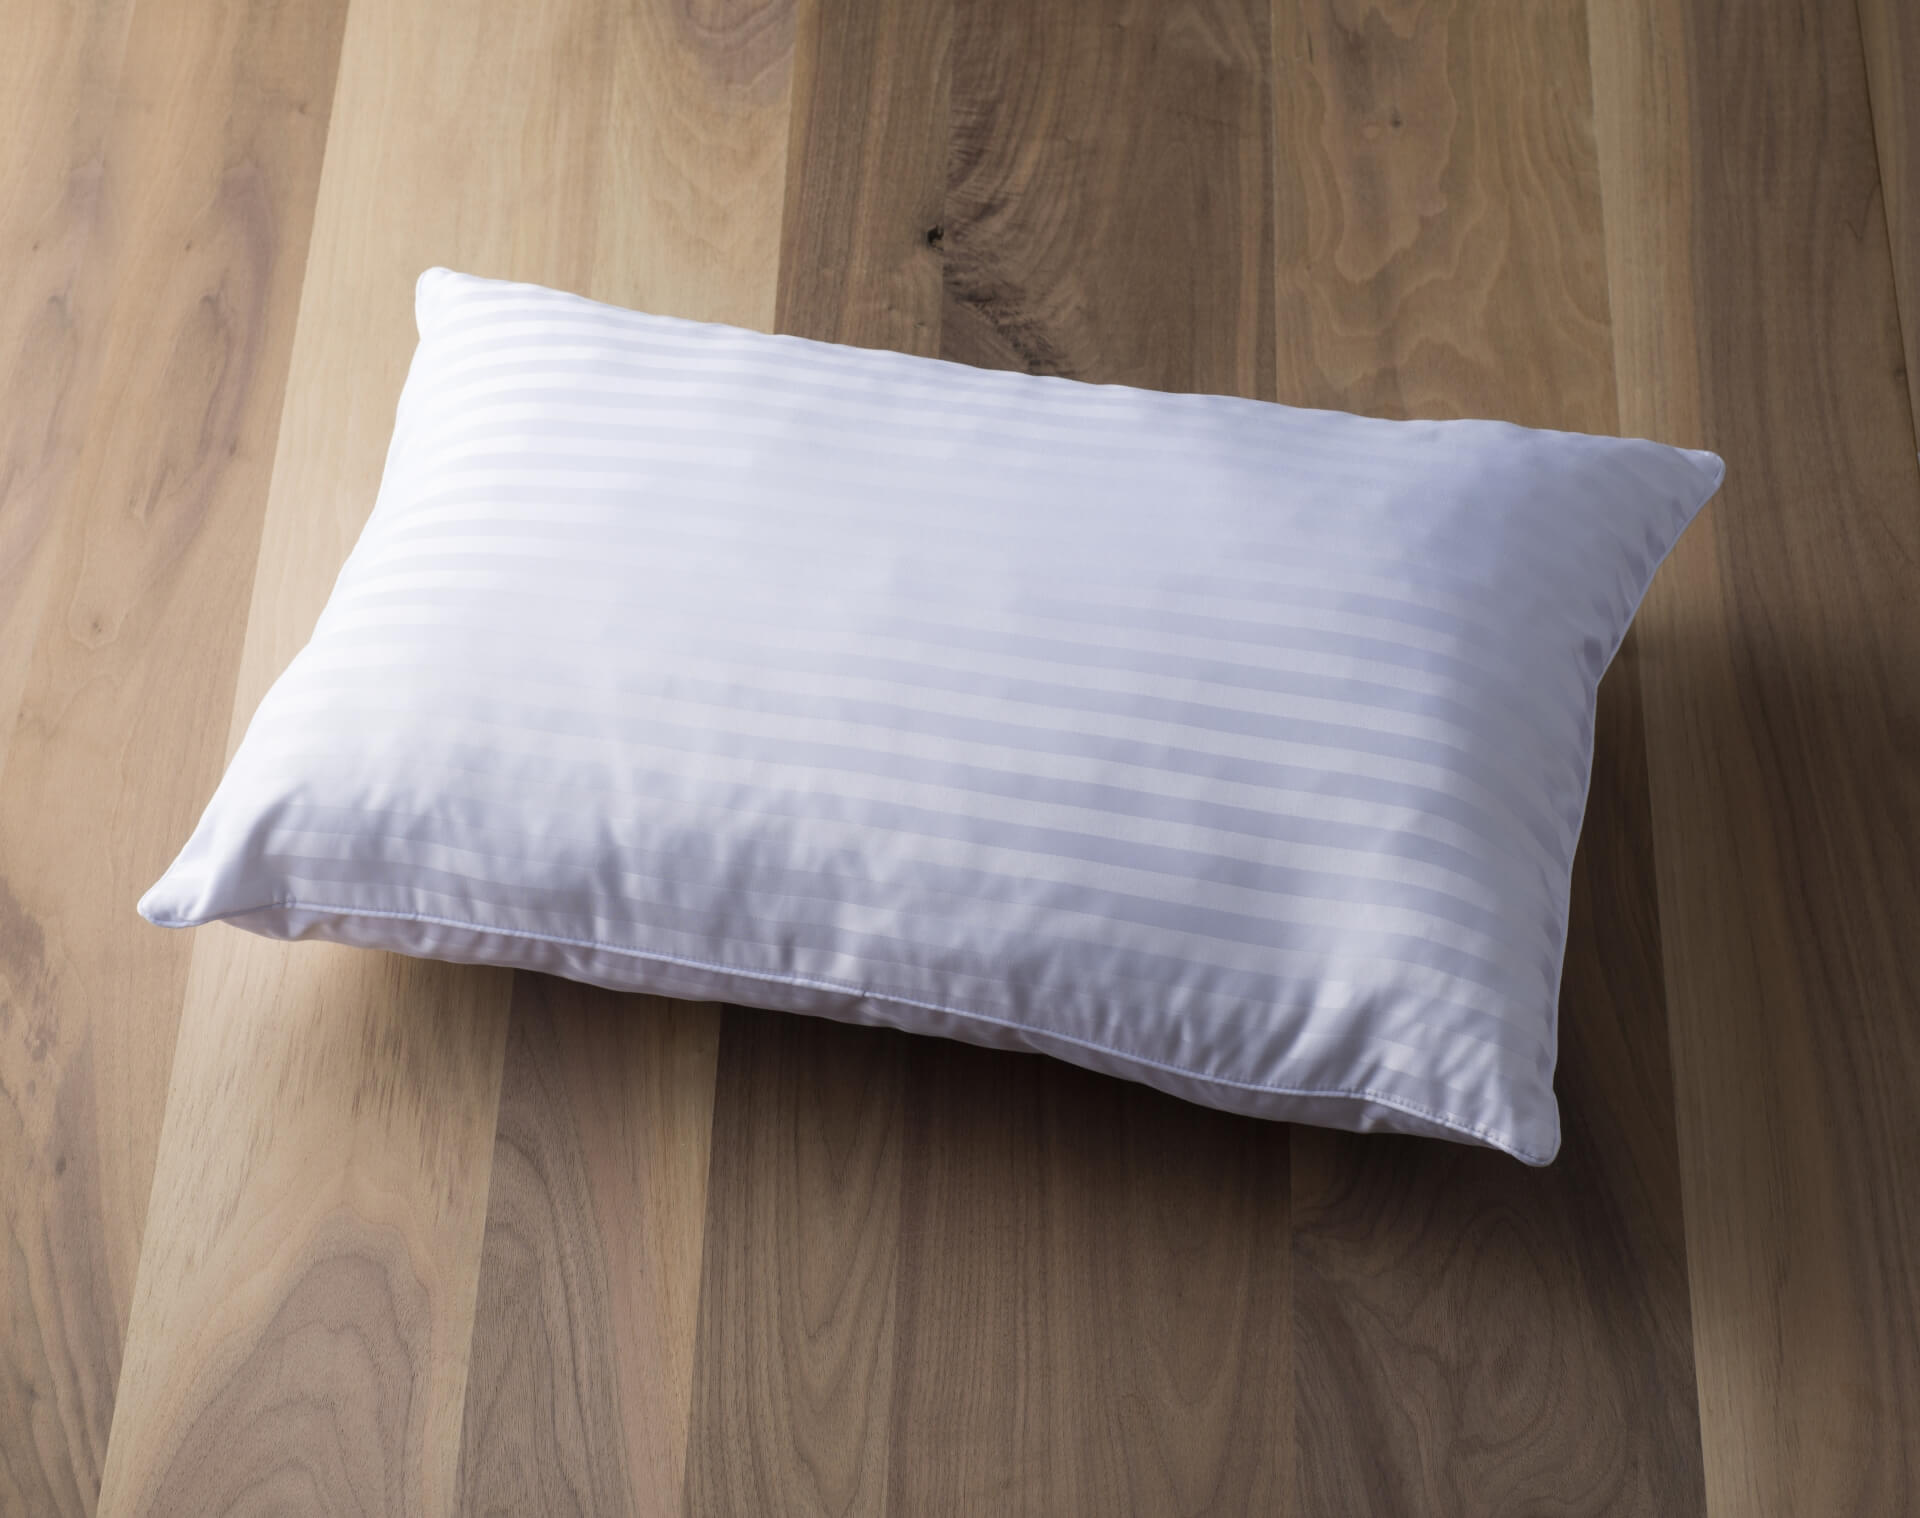 【枕 買取】中古の枕、捨てる前に知っておきたいこと